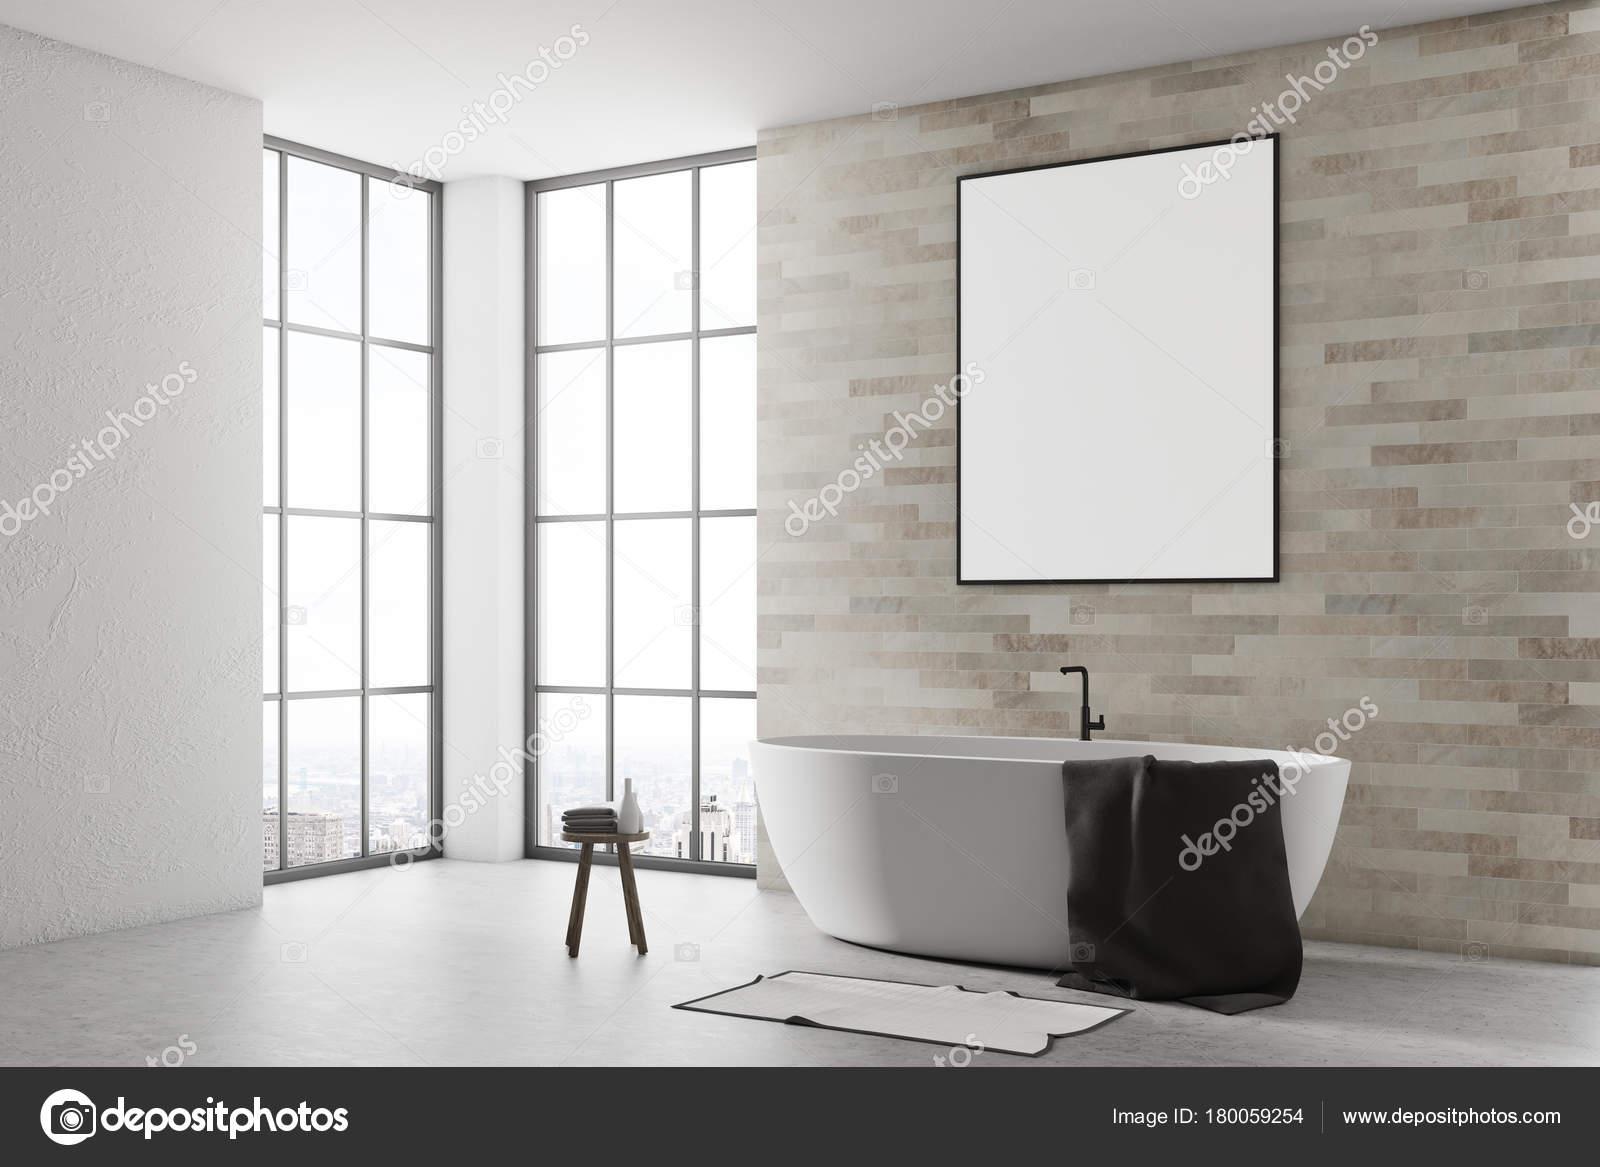 Affiche Salle De Bain ~ salle de bain blanc et brique c t affiche photographie